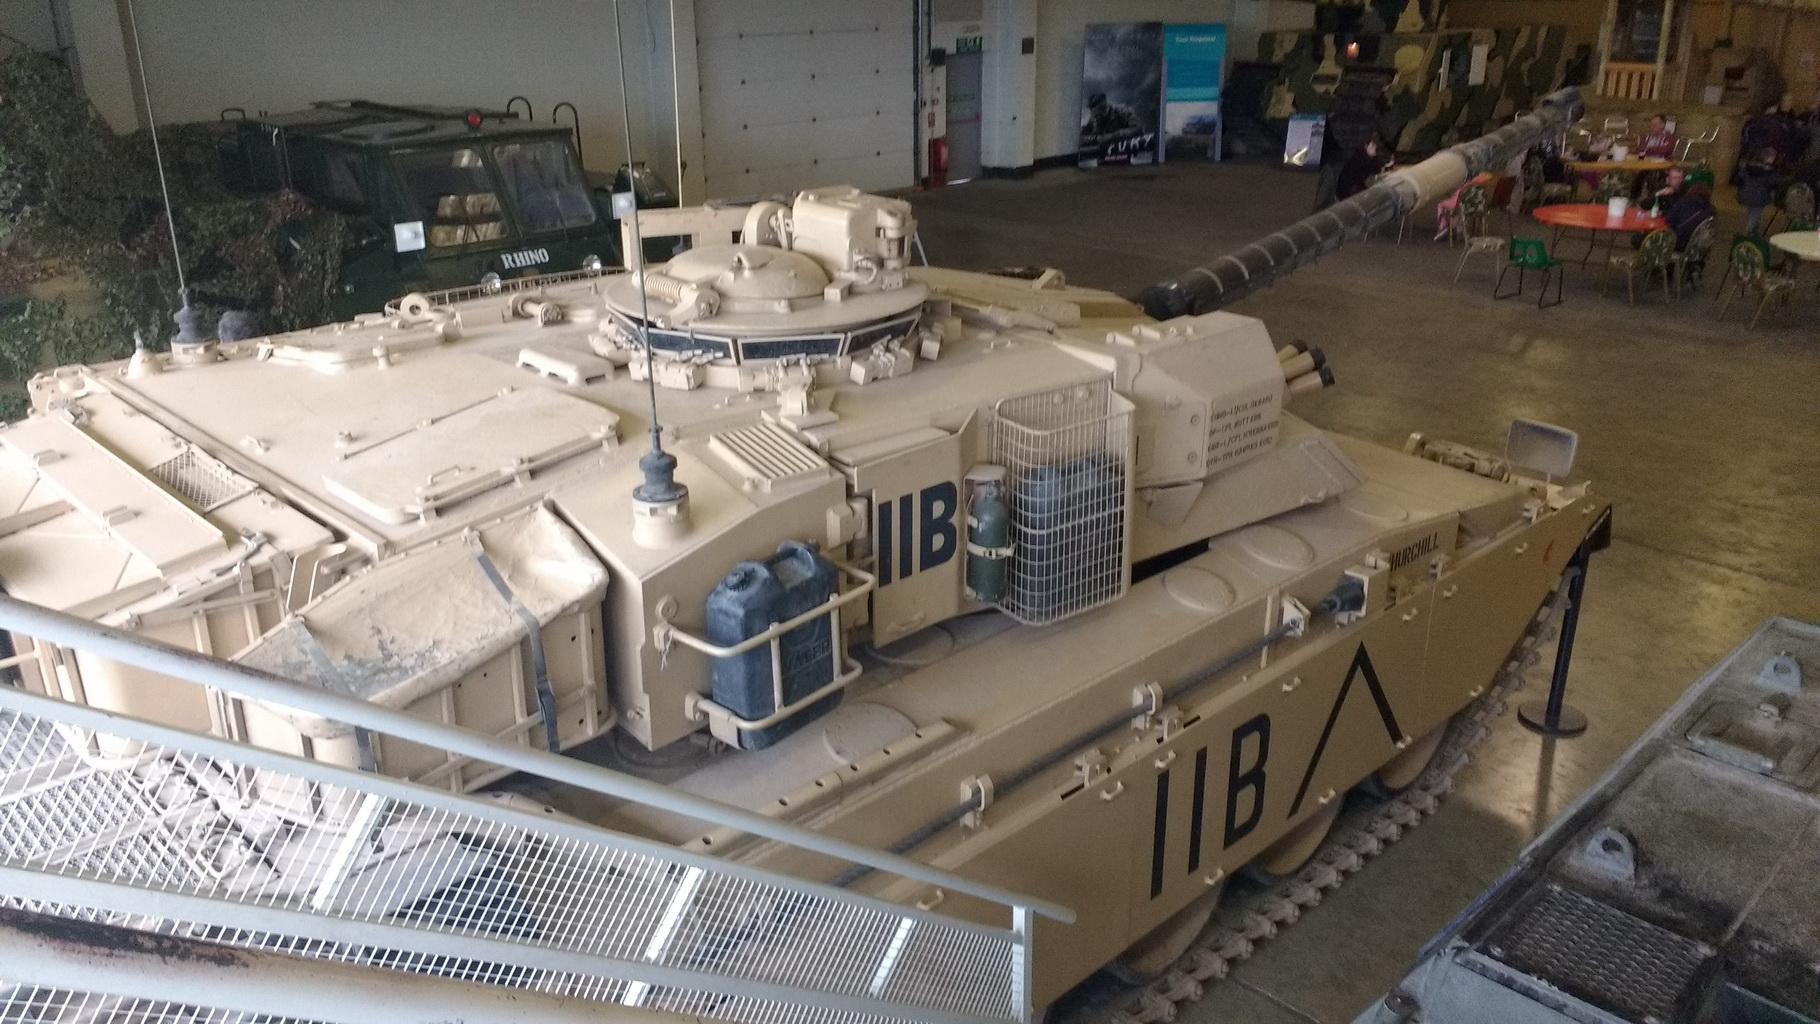 Tank_Museum_20151027_32.jpg